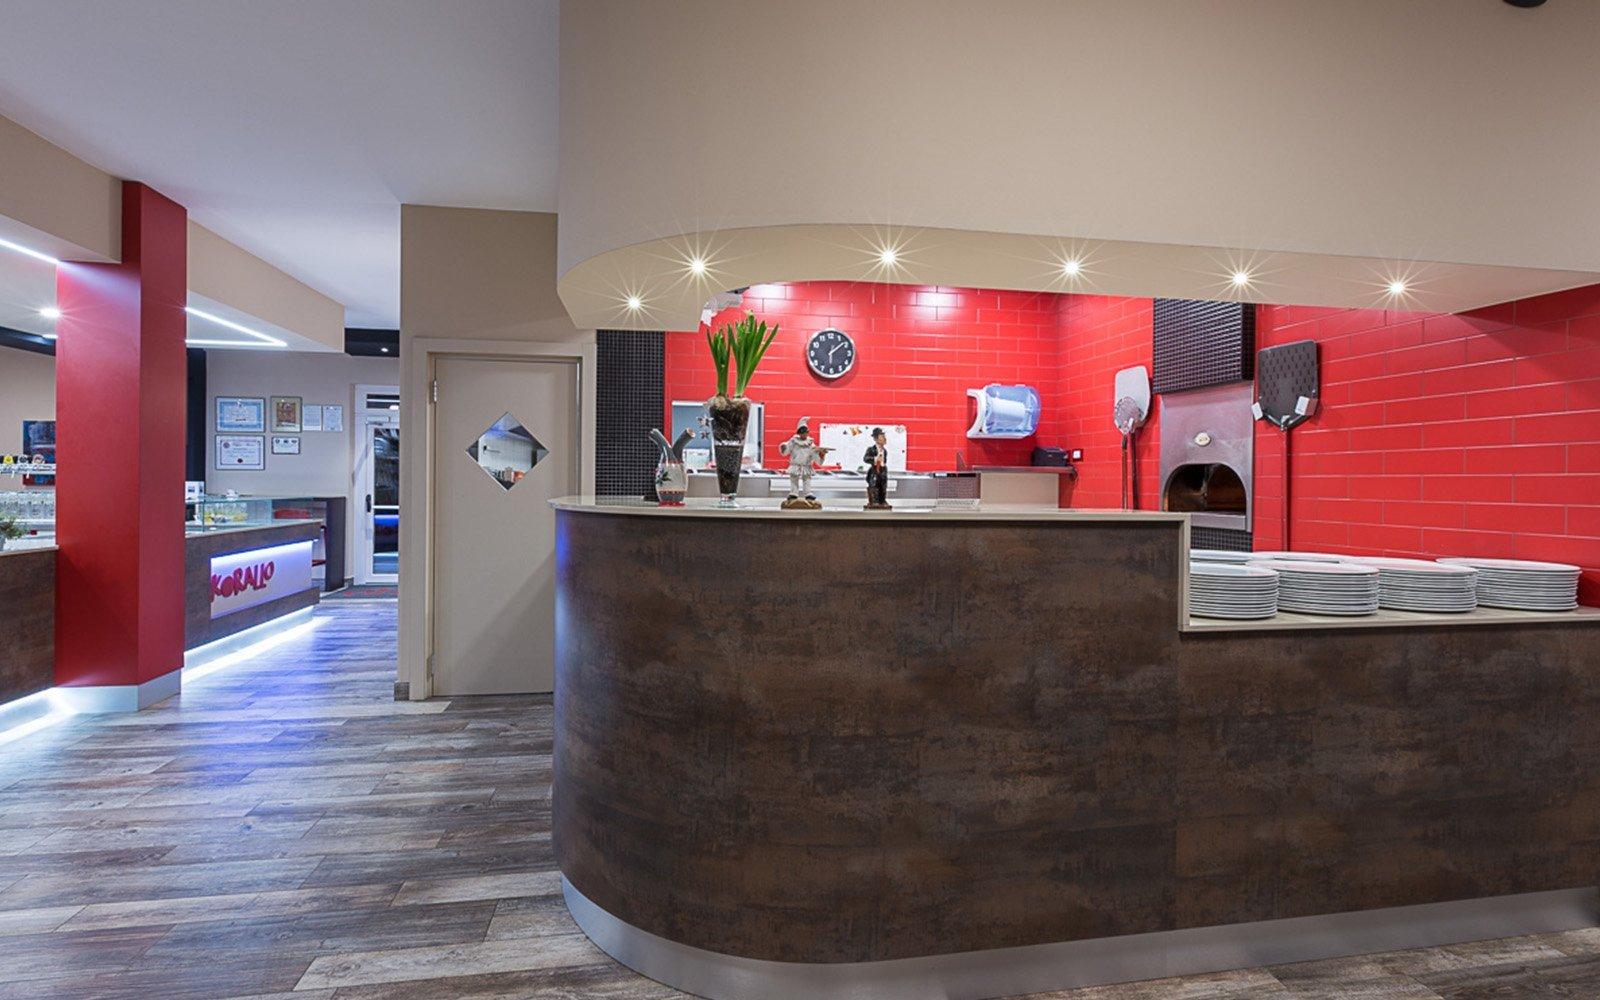 bancone di una pizzeria con vista del forno